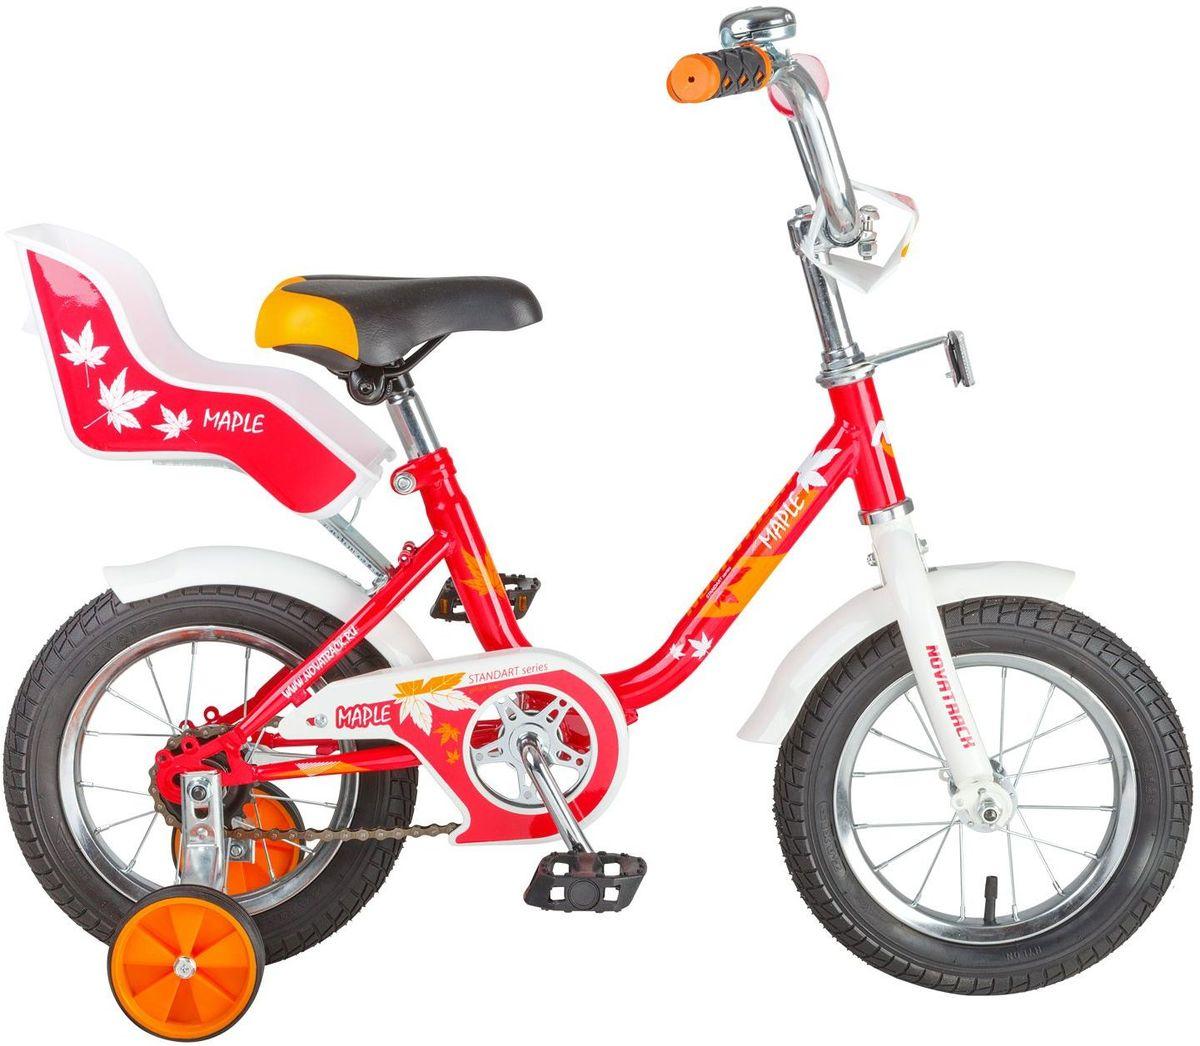 Велосипед детский Novatrack Maple, цвет: красный, белый, 12124MAPLE.RD7Novatrack Maple – это надежный велосипед для девочек 2-4 лет, на котором очень легко начинать обучение езде на велосипеде и который обязательно станет предметом гордости маленькой леди. Регулируемые сидение и руль легко адаптируются под рост ребенка. Маленькие дополнительные колеса снимаются. Отличительная особенность этого велосипеда – это сидение для куклы, ведь как можно не взять с собой подругу на велопрогулку? Велосипед оснащен ножным тормозом, которым ребенку легко пользоваться, защитой цепи, которая убережет нижнюю часть одежды от попадания в механизм. Велосипед оборудован ограничителем поворота руля, который не позволит вывернуть руль на слишком большой градус, тем самым обезопасит ребенка от опрокидывания.